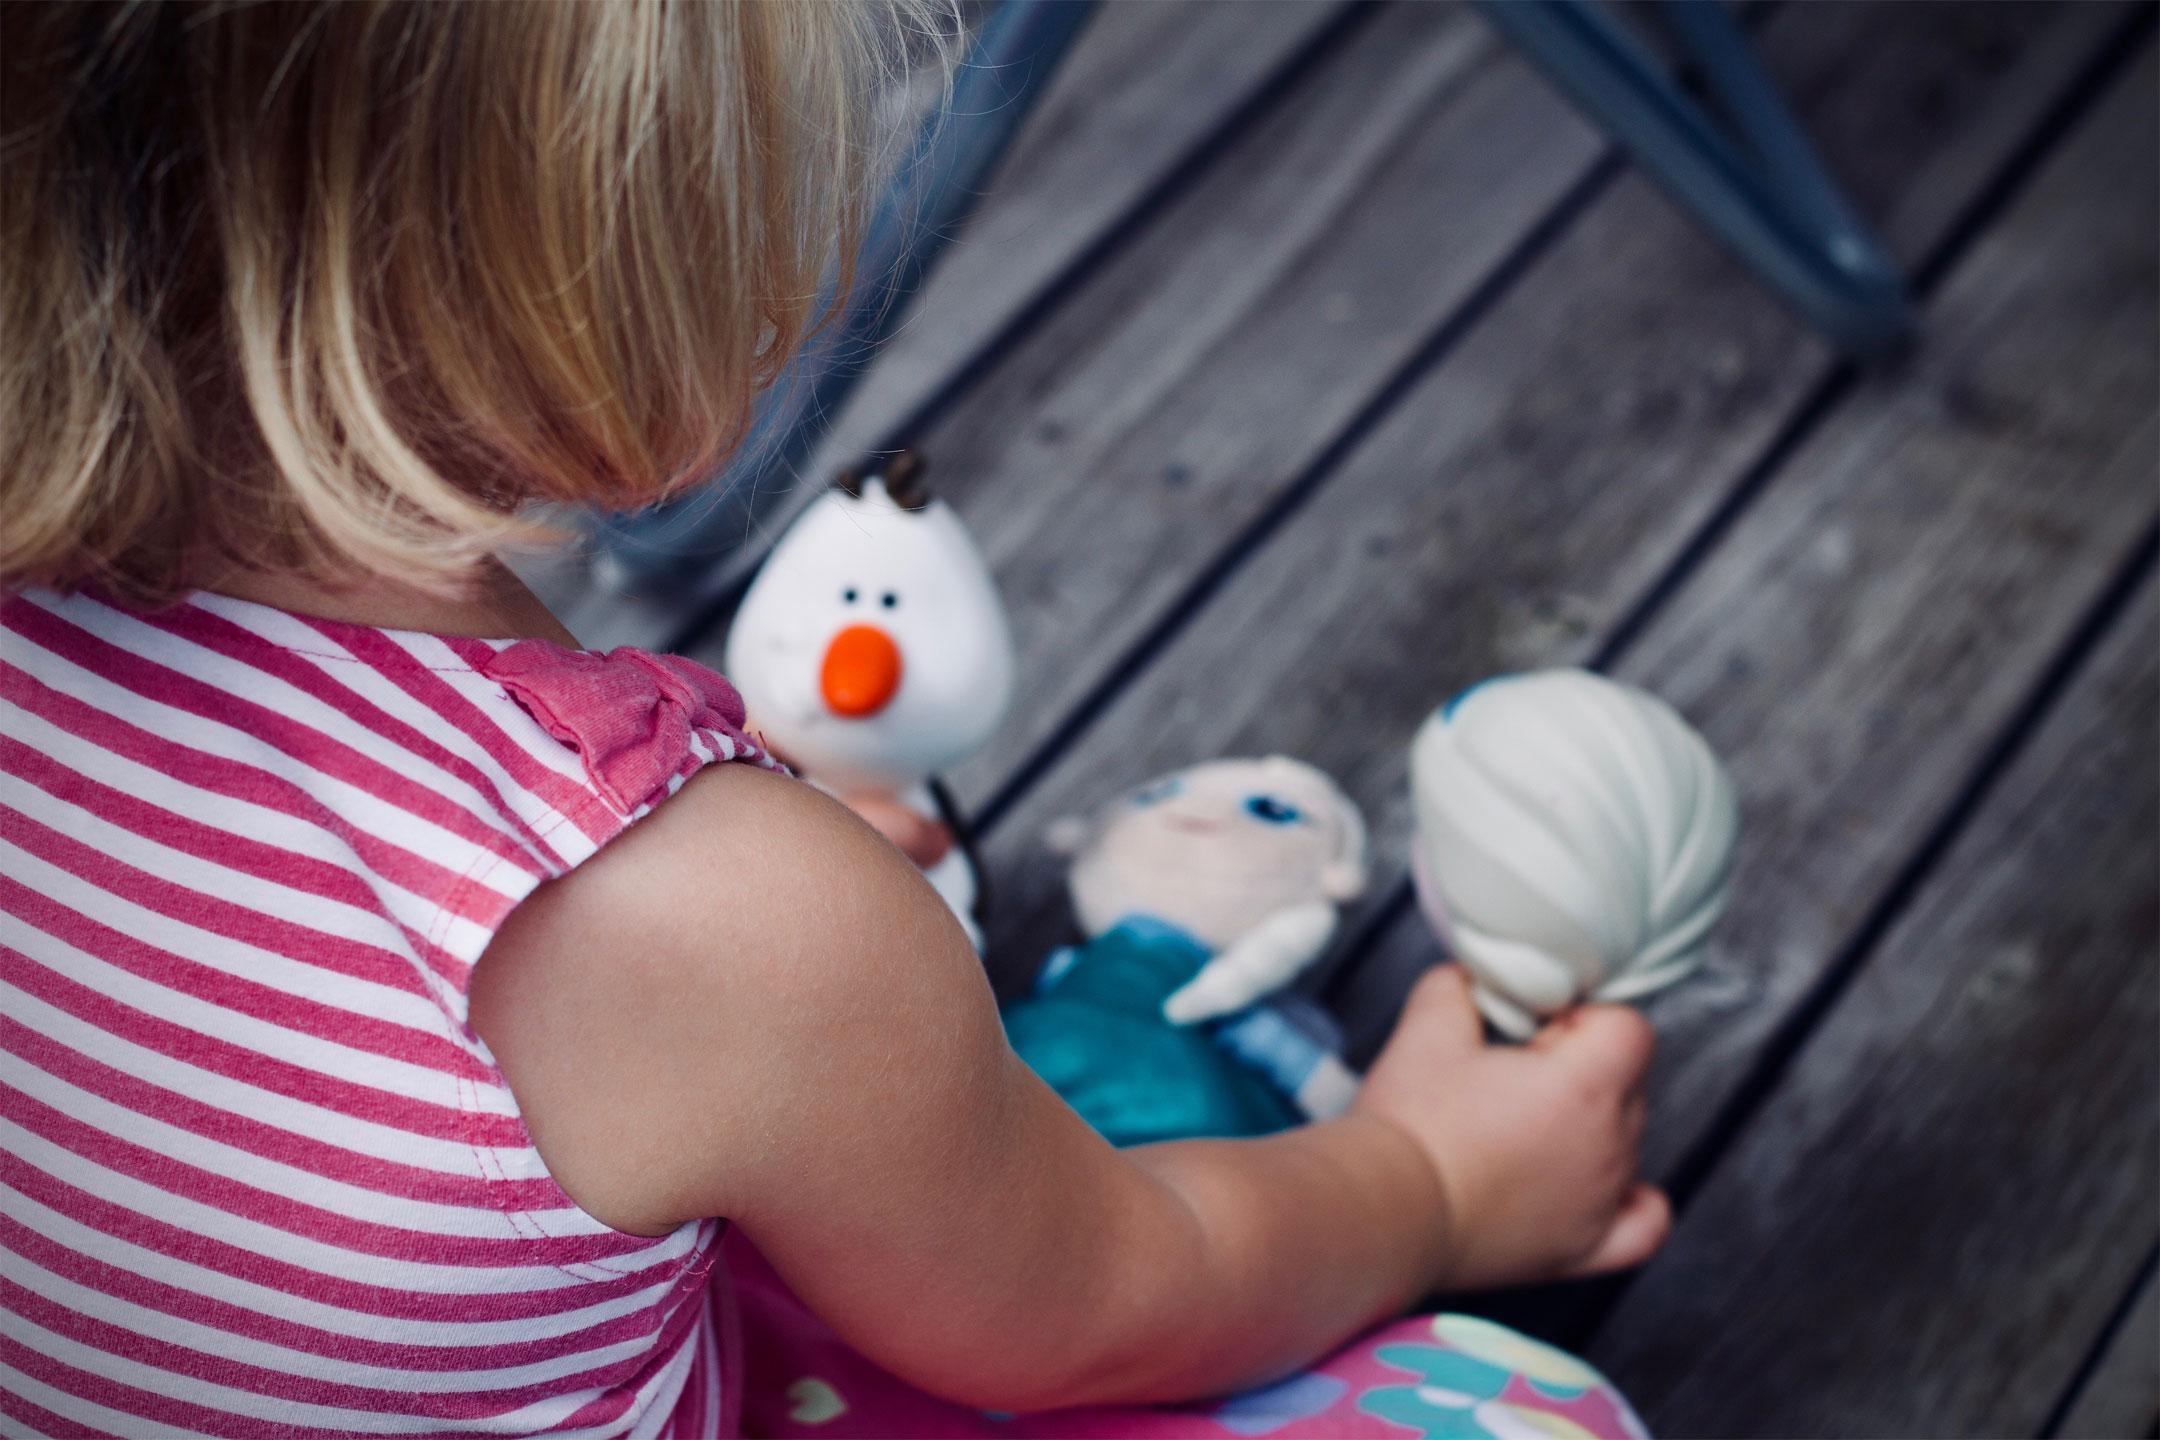 girl-frozen-toys2160